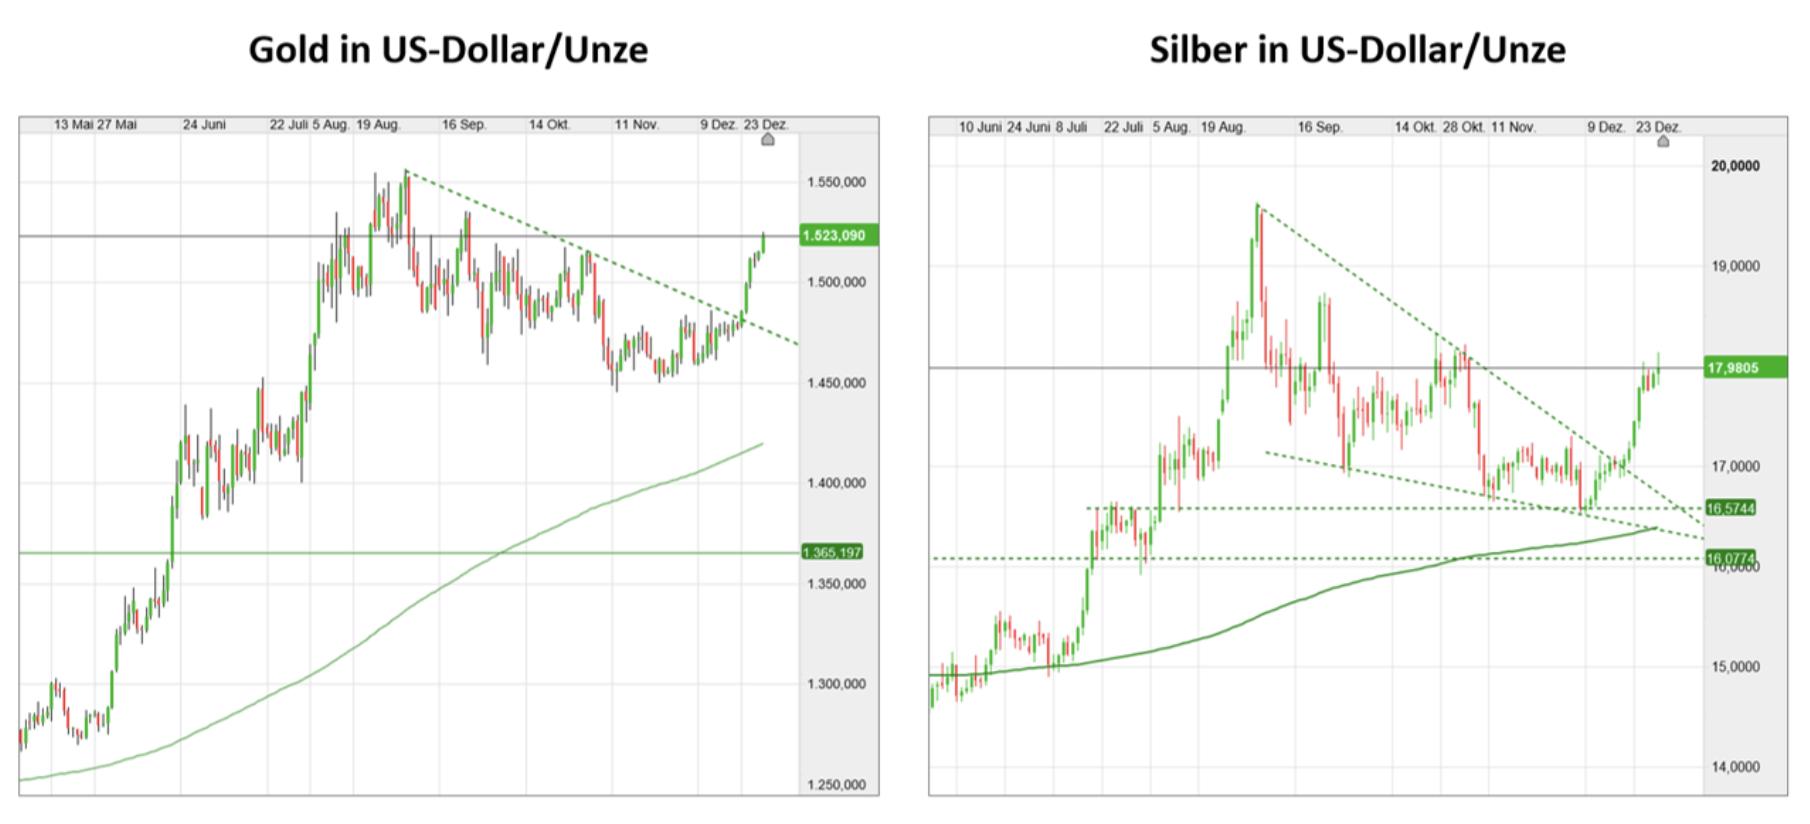 Prognosen und Resultate bei Gold und Silber